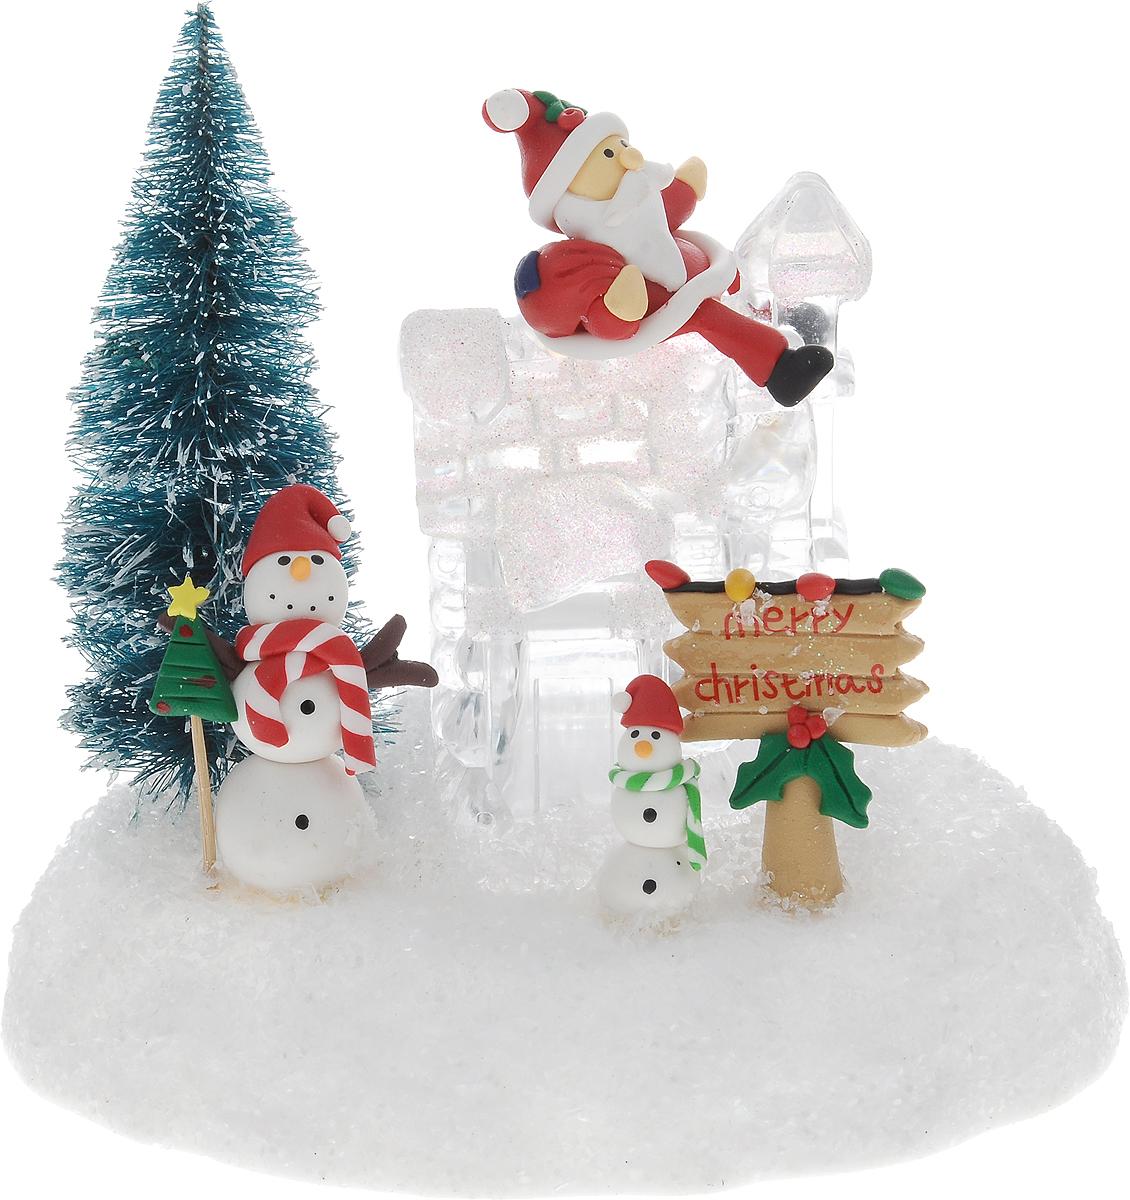 Светильник новогодний Win Max Ледяной домик, 15 х 11 х 18 см119894Декоративный мини-светильник Win Max Ледяной домик, изготовленный из пластика и акрила и оснащенный одной LED лампами. Он прекрасно оформит интерьер вашего дома или офиса в преддверии Нового года. Оригинальный дизайн и красочное исполнение создадут праздничное настроение. Кроме того, это отличный вариант подарка для ваших близких и друзей. Светильник работает от 2 батареек типа AАA (не входят в комплект).